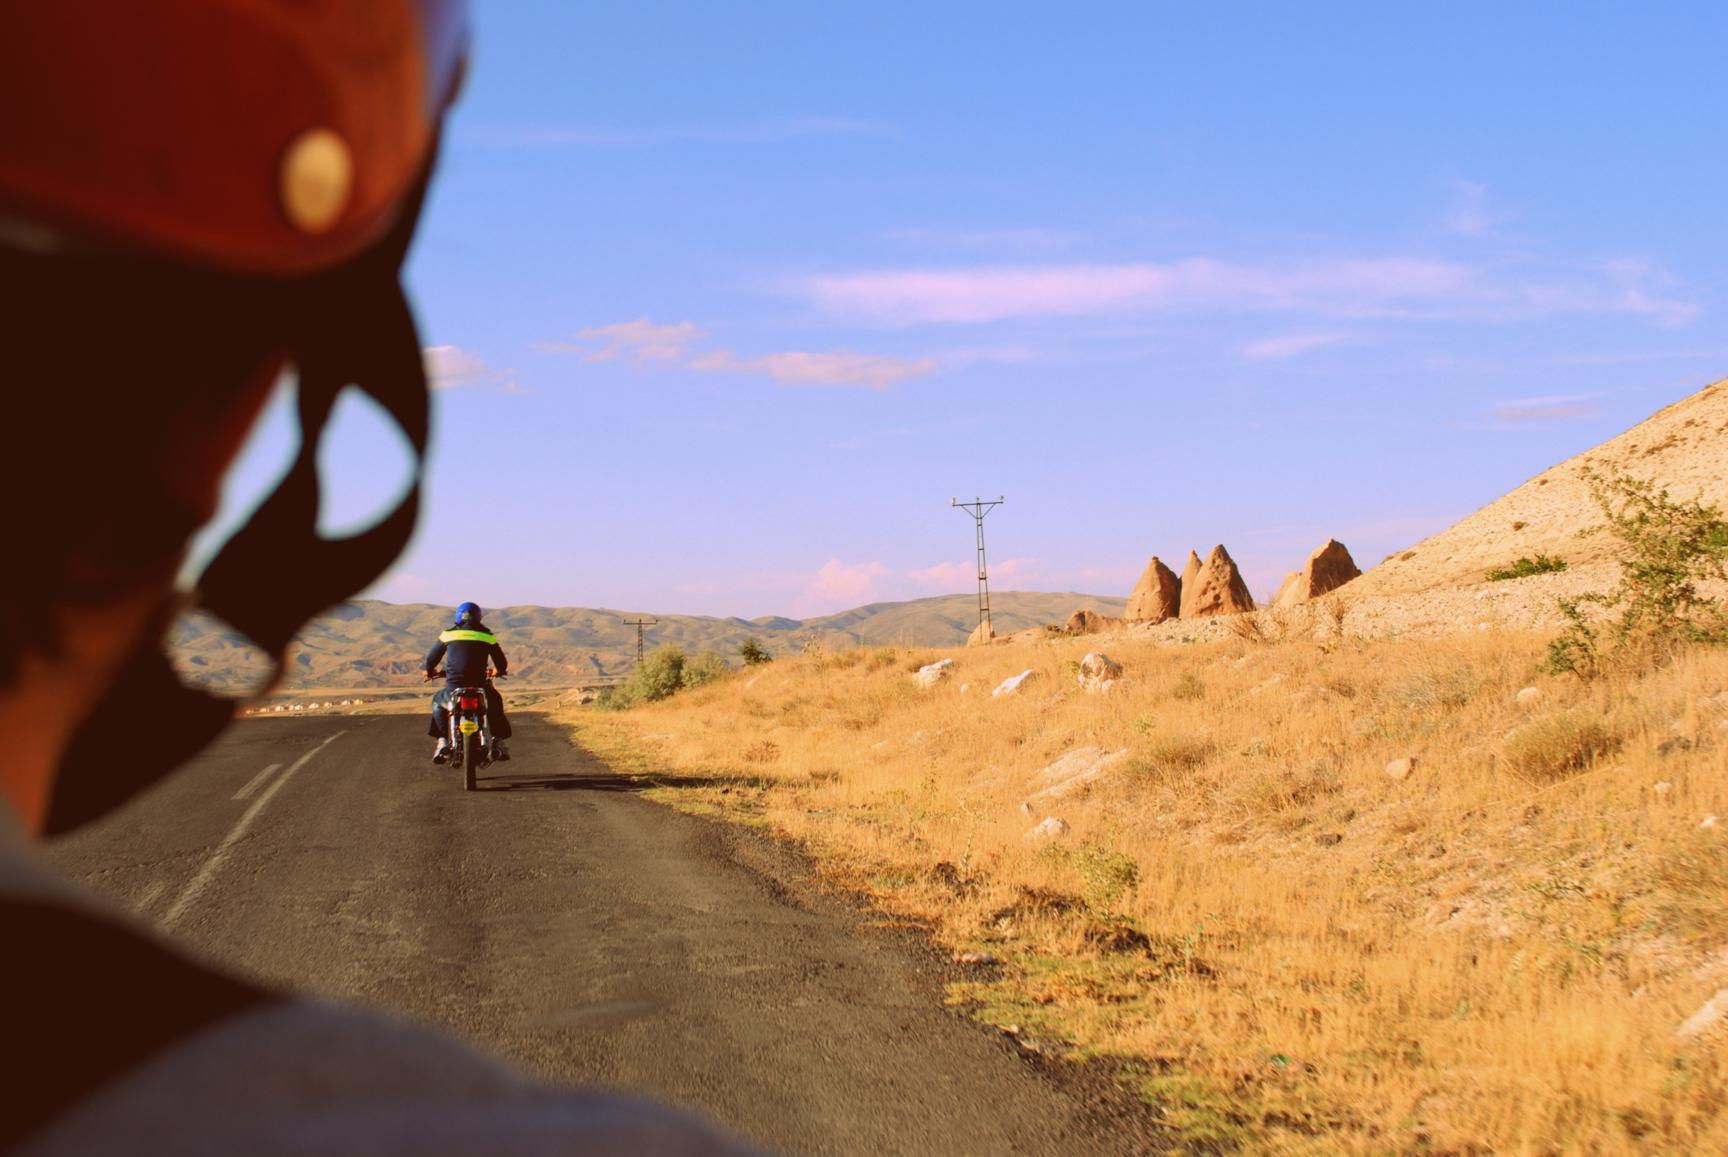 De camino al Valle de Devrent, sobre cuatro ruedas. Capadocia 2014.